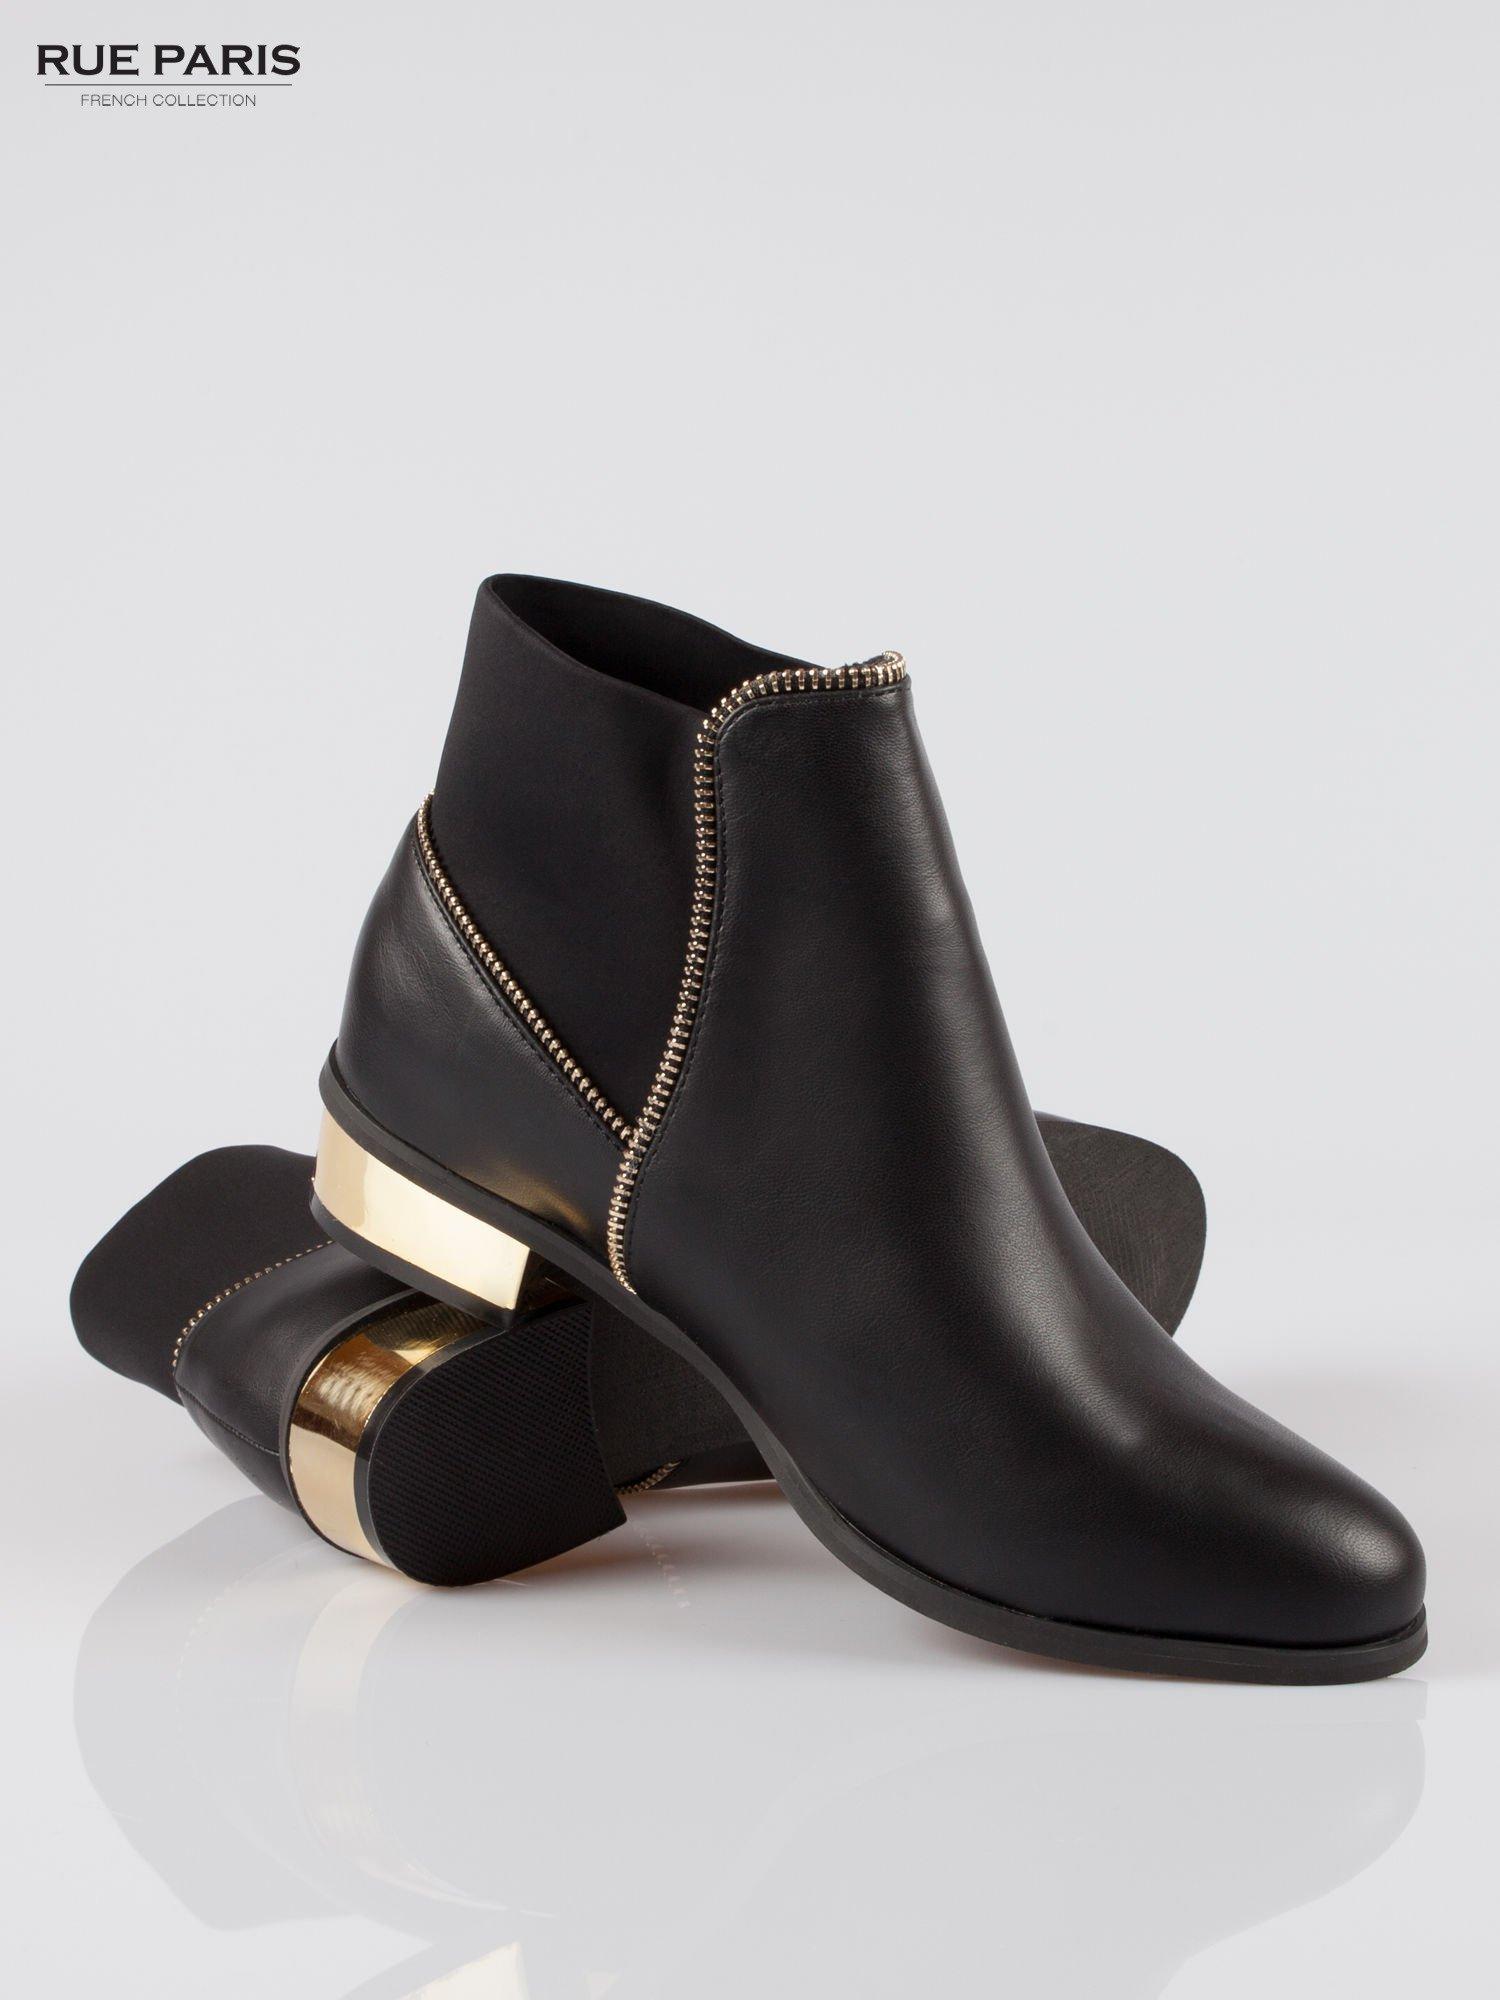 Czarne botki ankle boots z zamkiem i złotym obcasem                                  zdj.                                  4